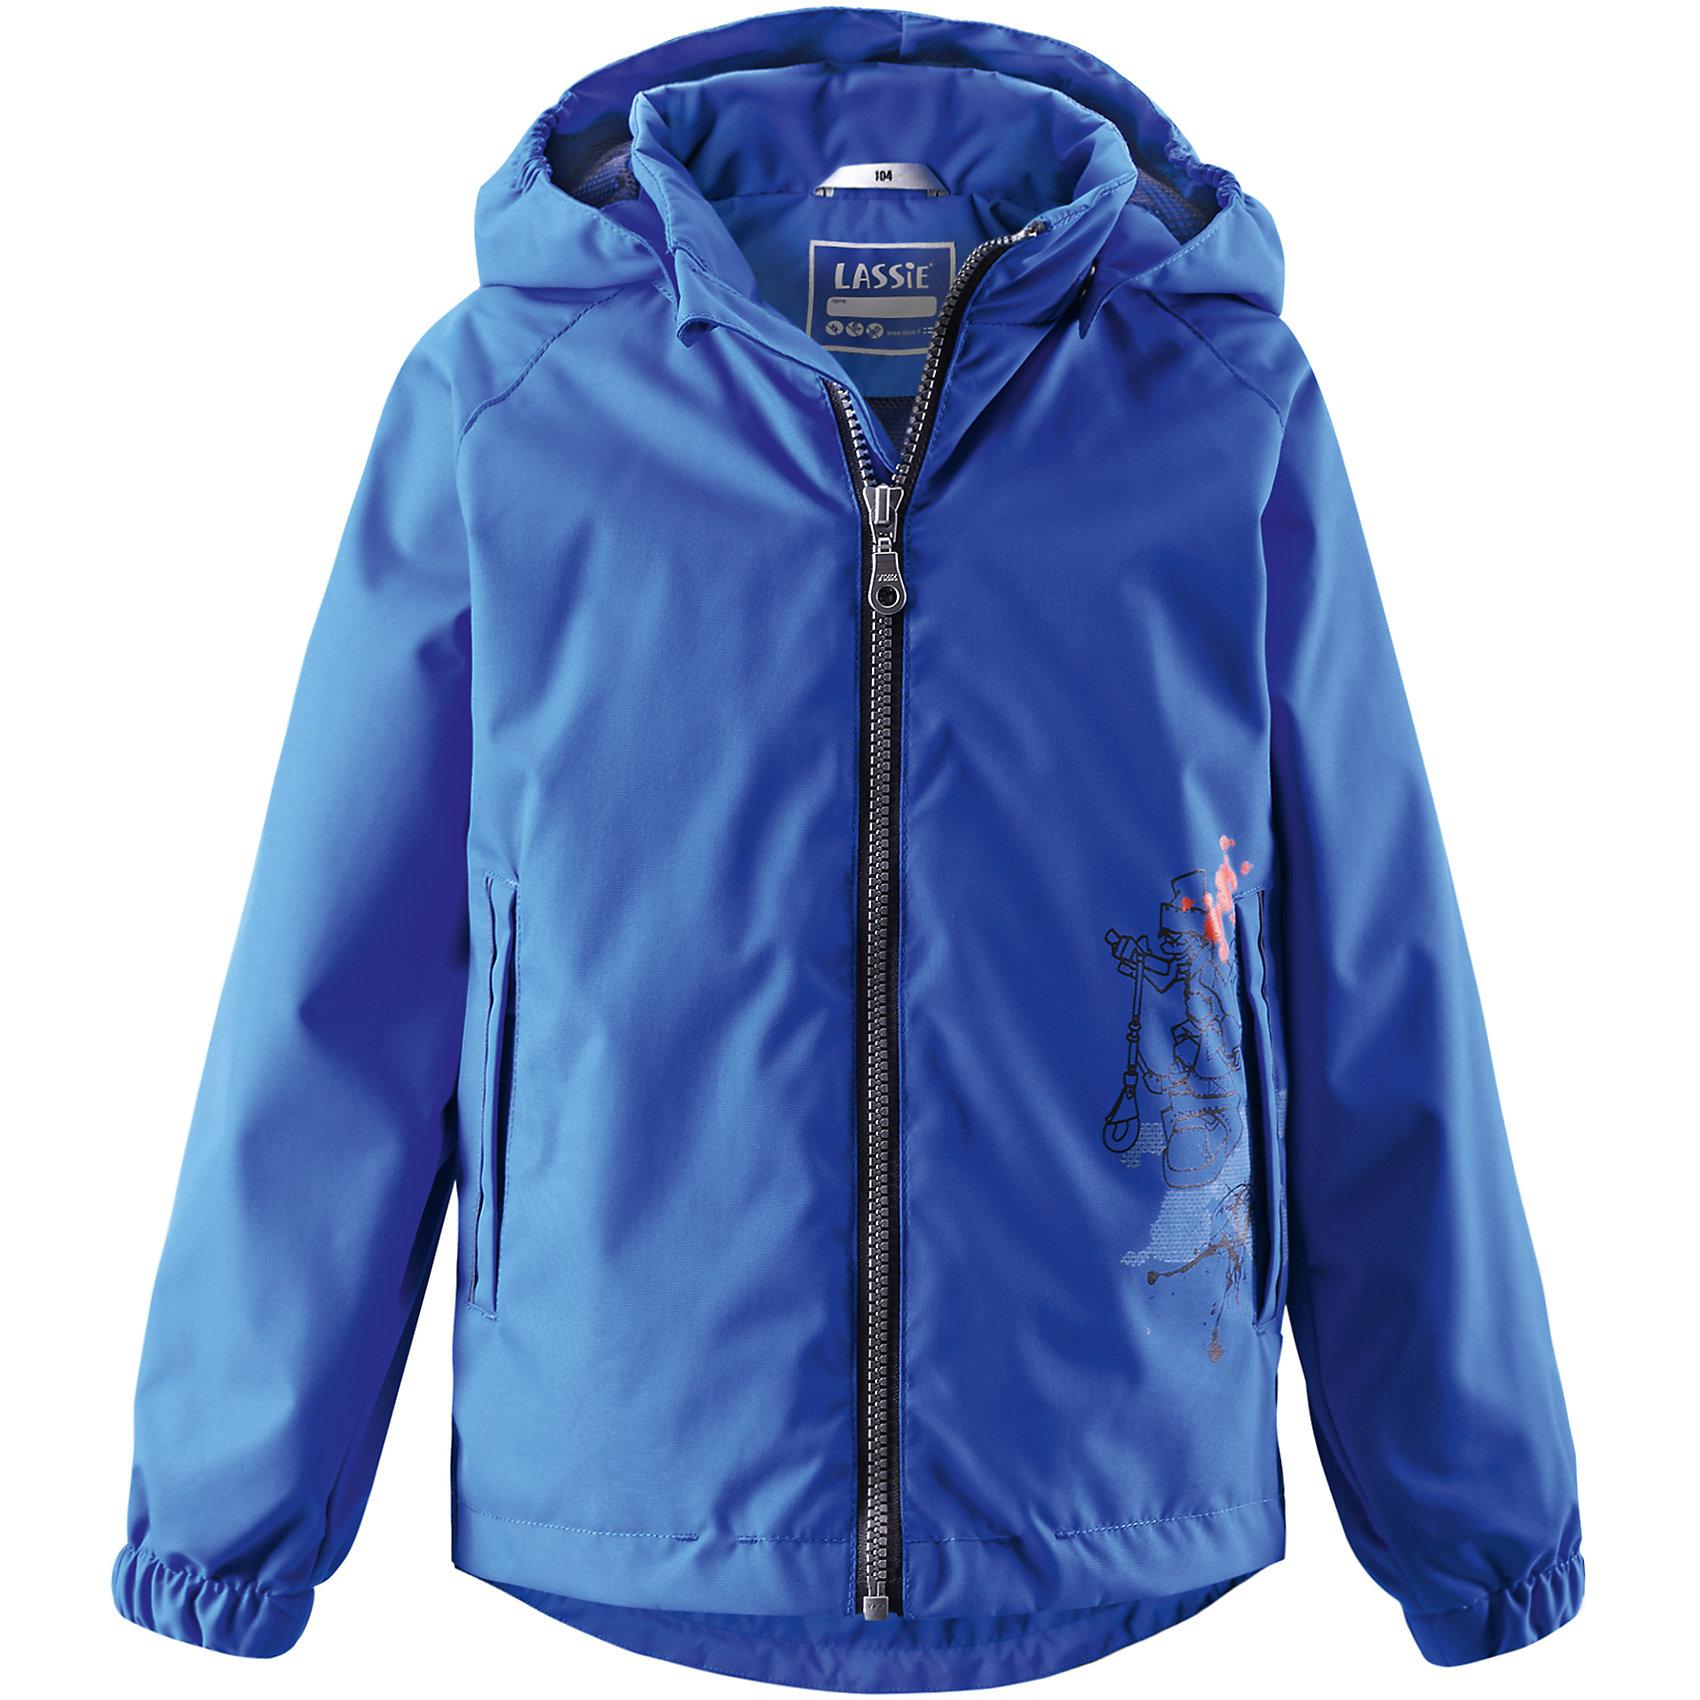 Куртка для мальчика LASSIE by ReimaКуртка для мальчика от известной компании LASSIE by Reima<br><br>Демисезонная куртка - отличная вещь для прогулок и активного отдыха. Она создана для прохладной погоды - спасет от ветра и дождя.<br>Куртка выполнена в оригинальной расцветке, легко надевается, не промокает. Ее очень просто чистить. Эта стильная и качественная вещь прослужит не один сезон!<br><br>Особенности модели:<br><br>- цвет: синий;<br>- без утеплителя;<br>- съемный капюшон;<br>- подол куртки регулируется;<br>- водо- и ветронепроницаемый, грязеотталкивающий материал;<br>- карманы на липучках;<br>- декорирована принтом;<br>- застежка - молния;<br>- внизу рукавов - резинки.<br><br>Дополнительная информация:<br><br>Температурный режим: от +10° до +20° С<br><br>Состав: 100% полиэстер<br><br>Куртку для мальчика от известной компании LASSIE by Reima (Лэсси Рейма) можно купить в нашем магазине.<br><br>Ширина мм: 356<br>Глубина мм: 10<br>Высота мм: 245<br>Вес г: 519<br>Цвет: синий<br>Возраст от месяцев: 24<br>Возраст до месяцев: 36<br>Пол: Мужской<br>Возраст: Детский<br>Размер: 98,140,116,92,104,110,122,128,134<br>SKU: 4555163